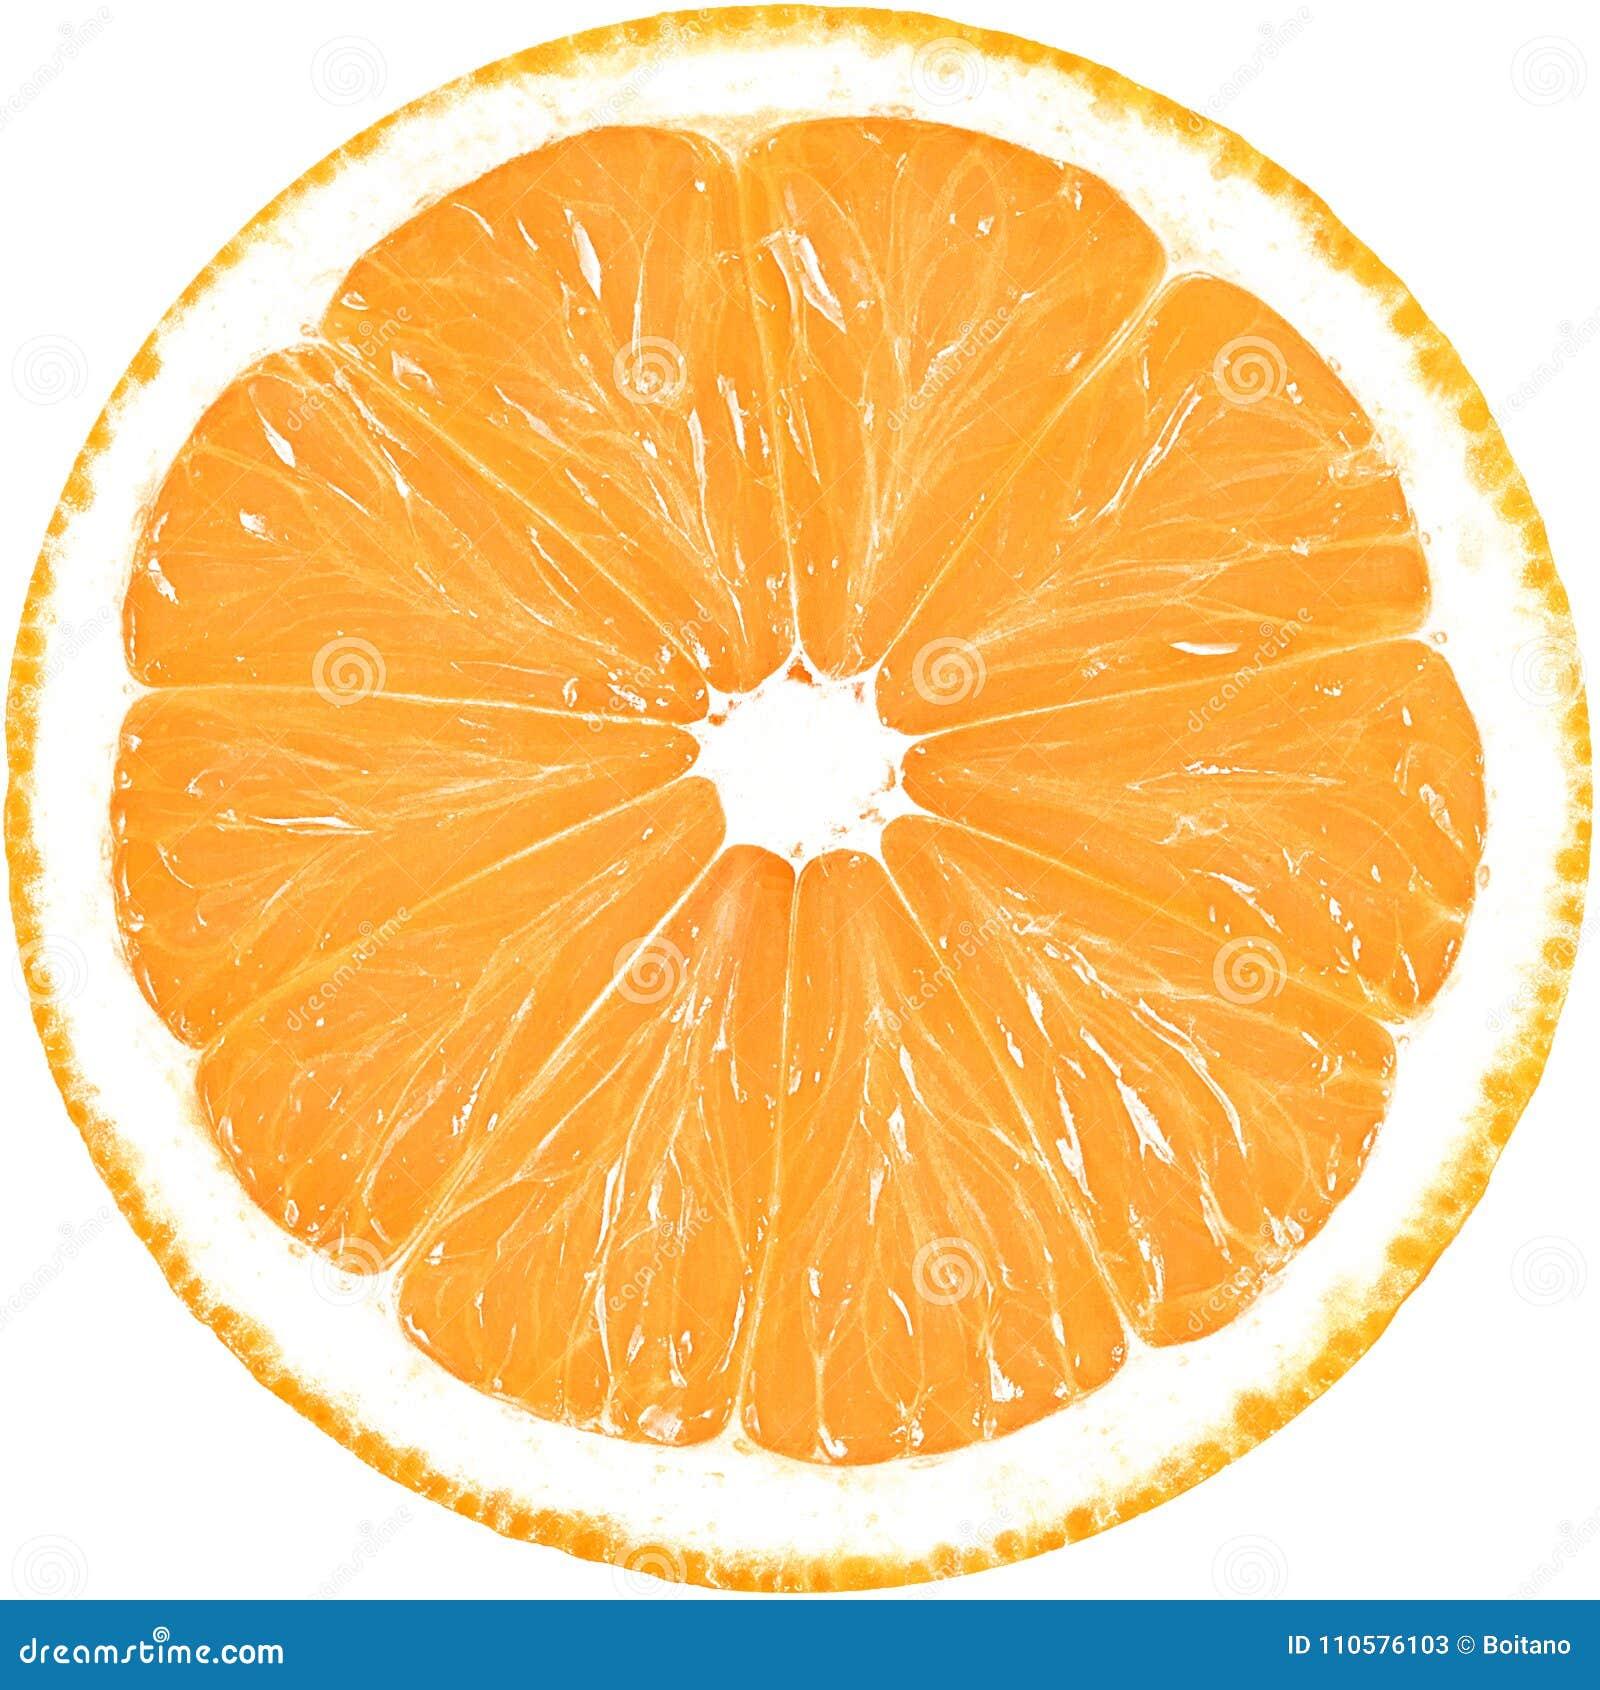 Fatia suculenta de laranja isolada em um fundo branco com trajeto de grampeamento